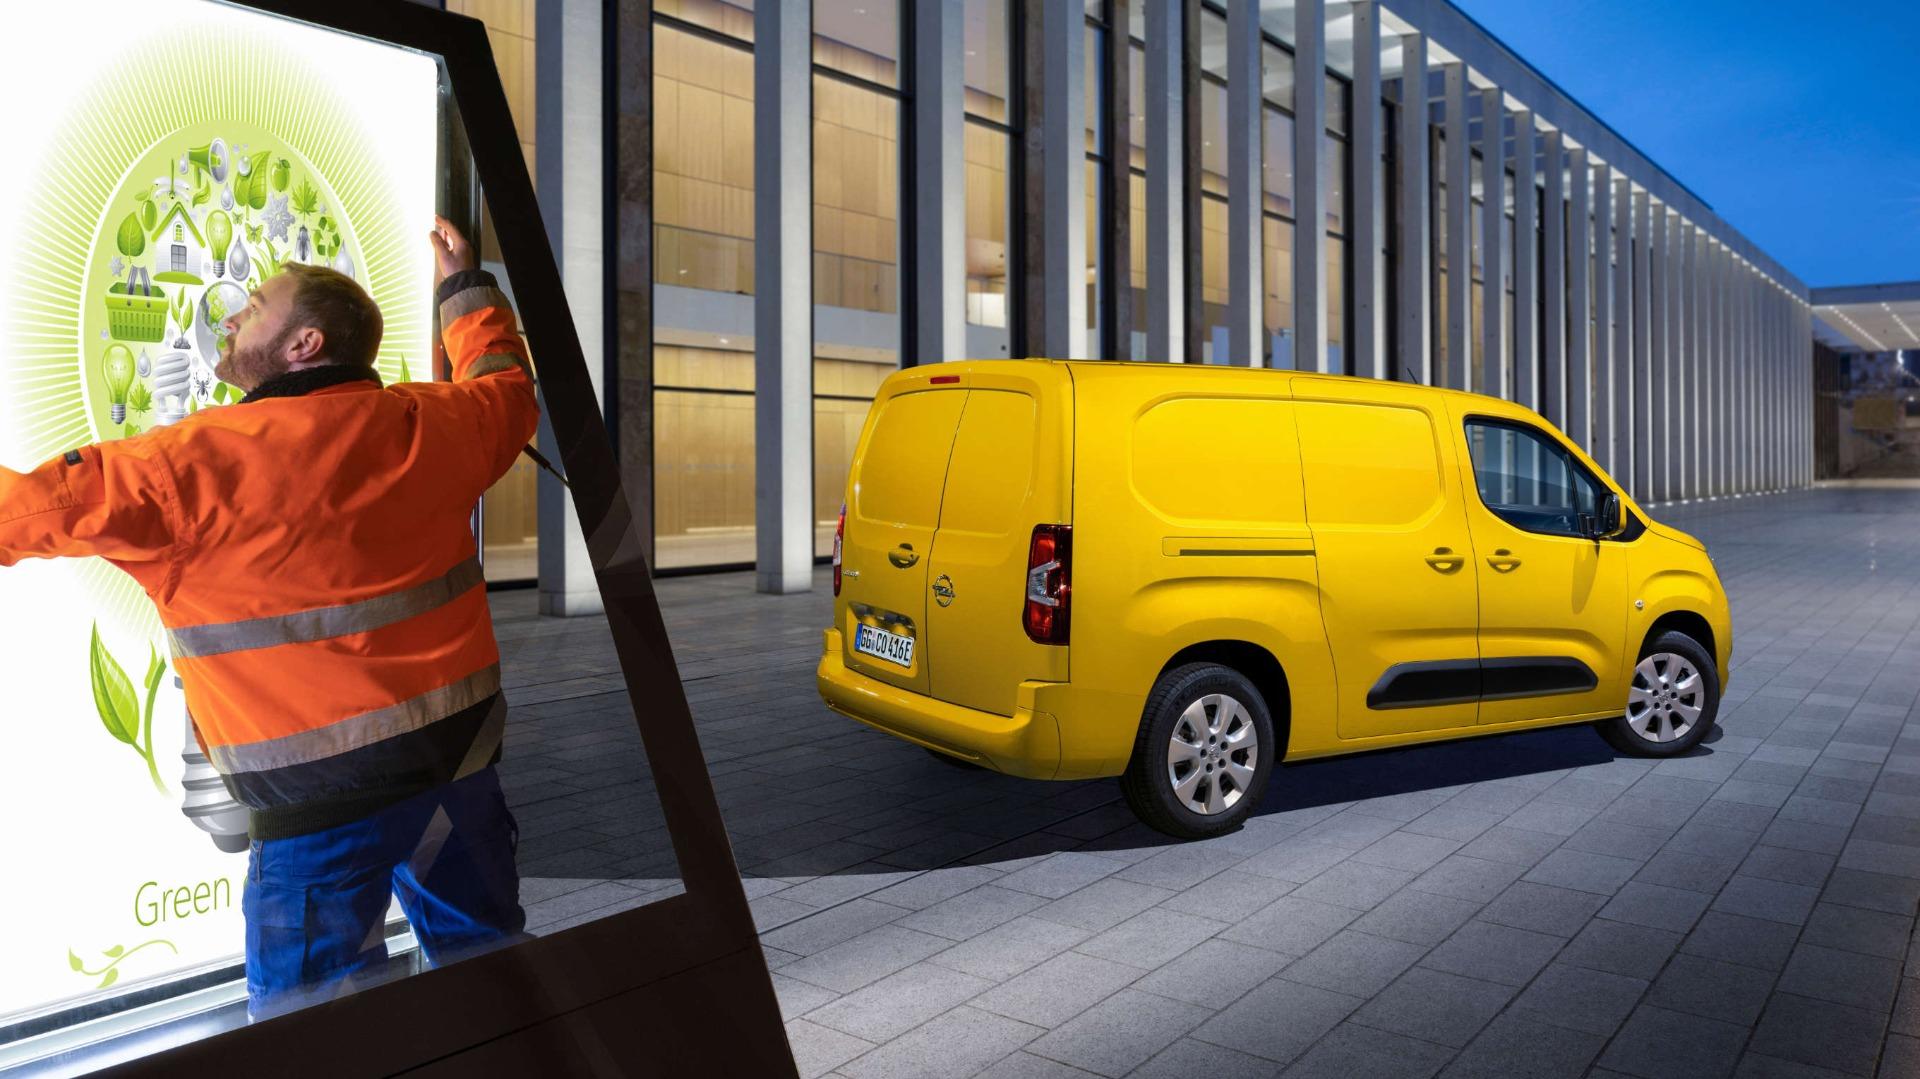 Opel Combo-e Cargo, навулиці, працівник встановлює світлове табло